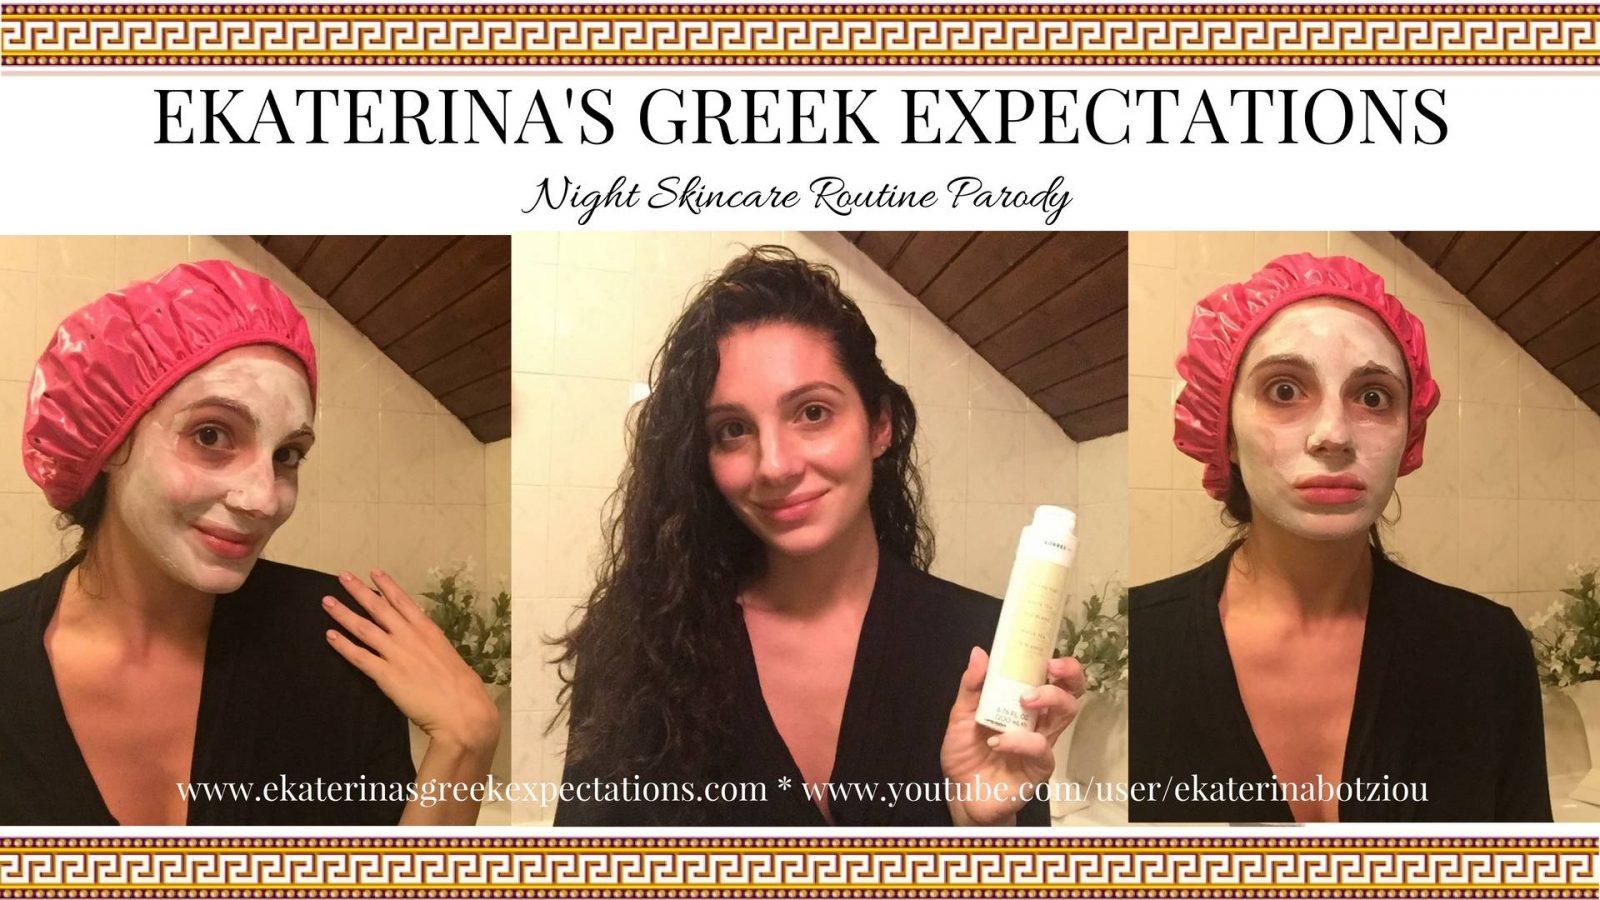 Night Skincare Routine Parody VIDEO!